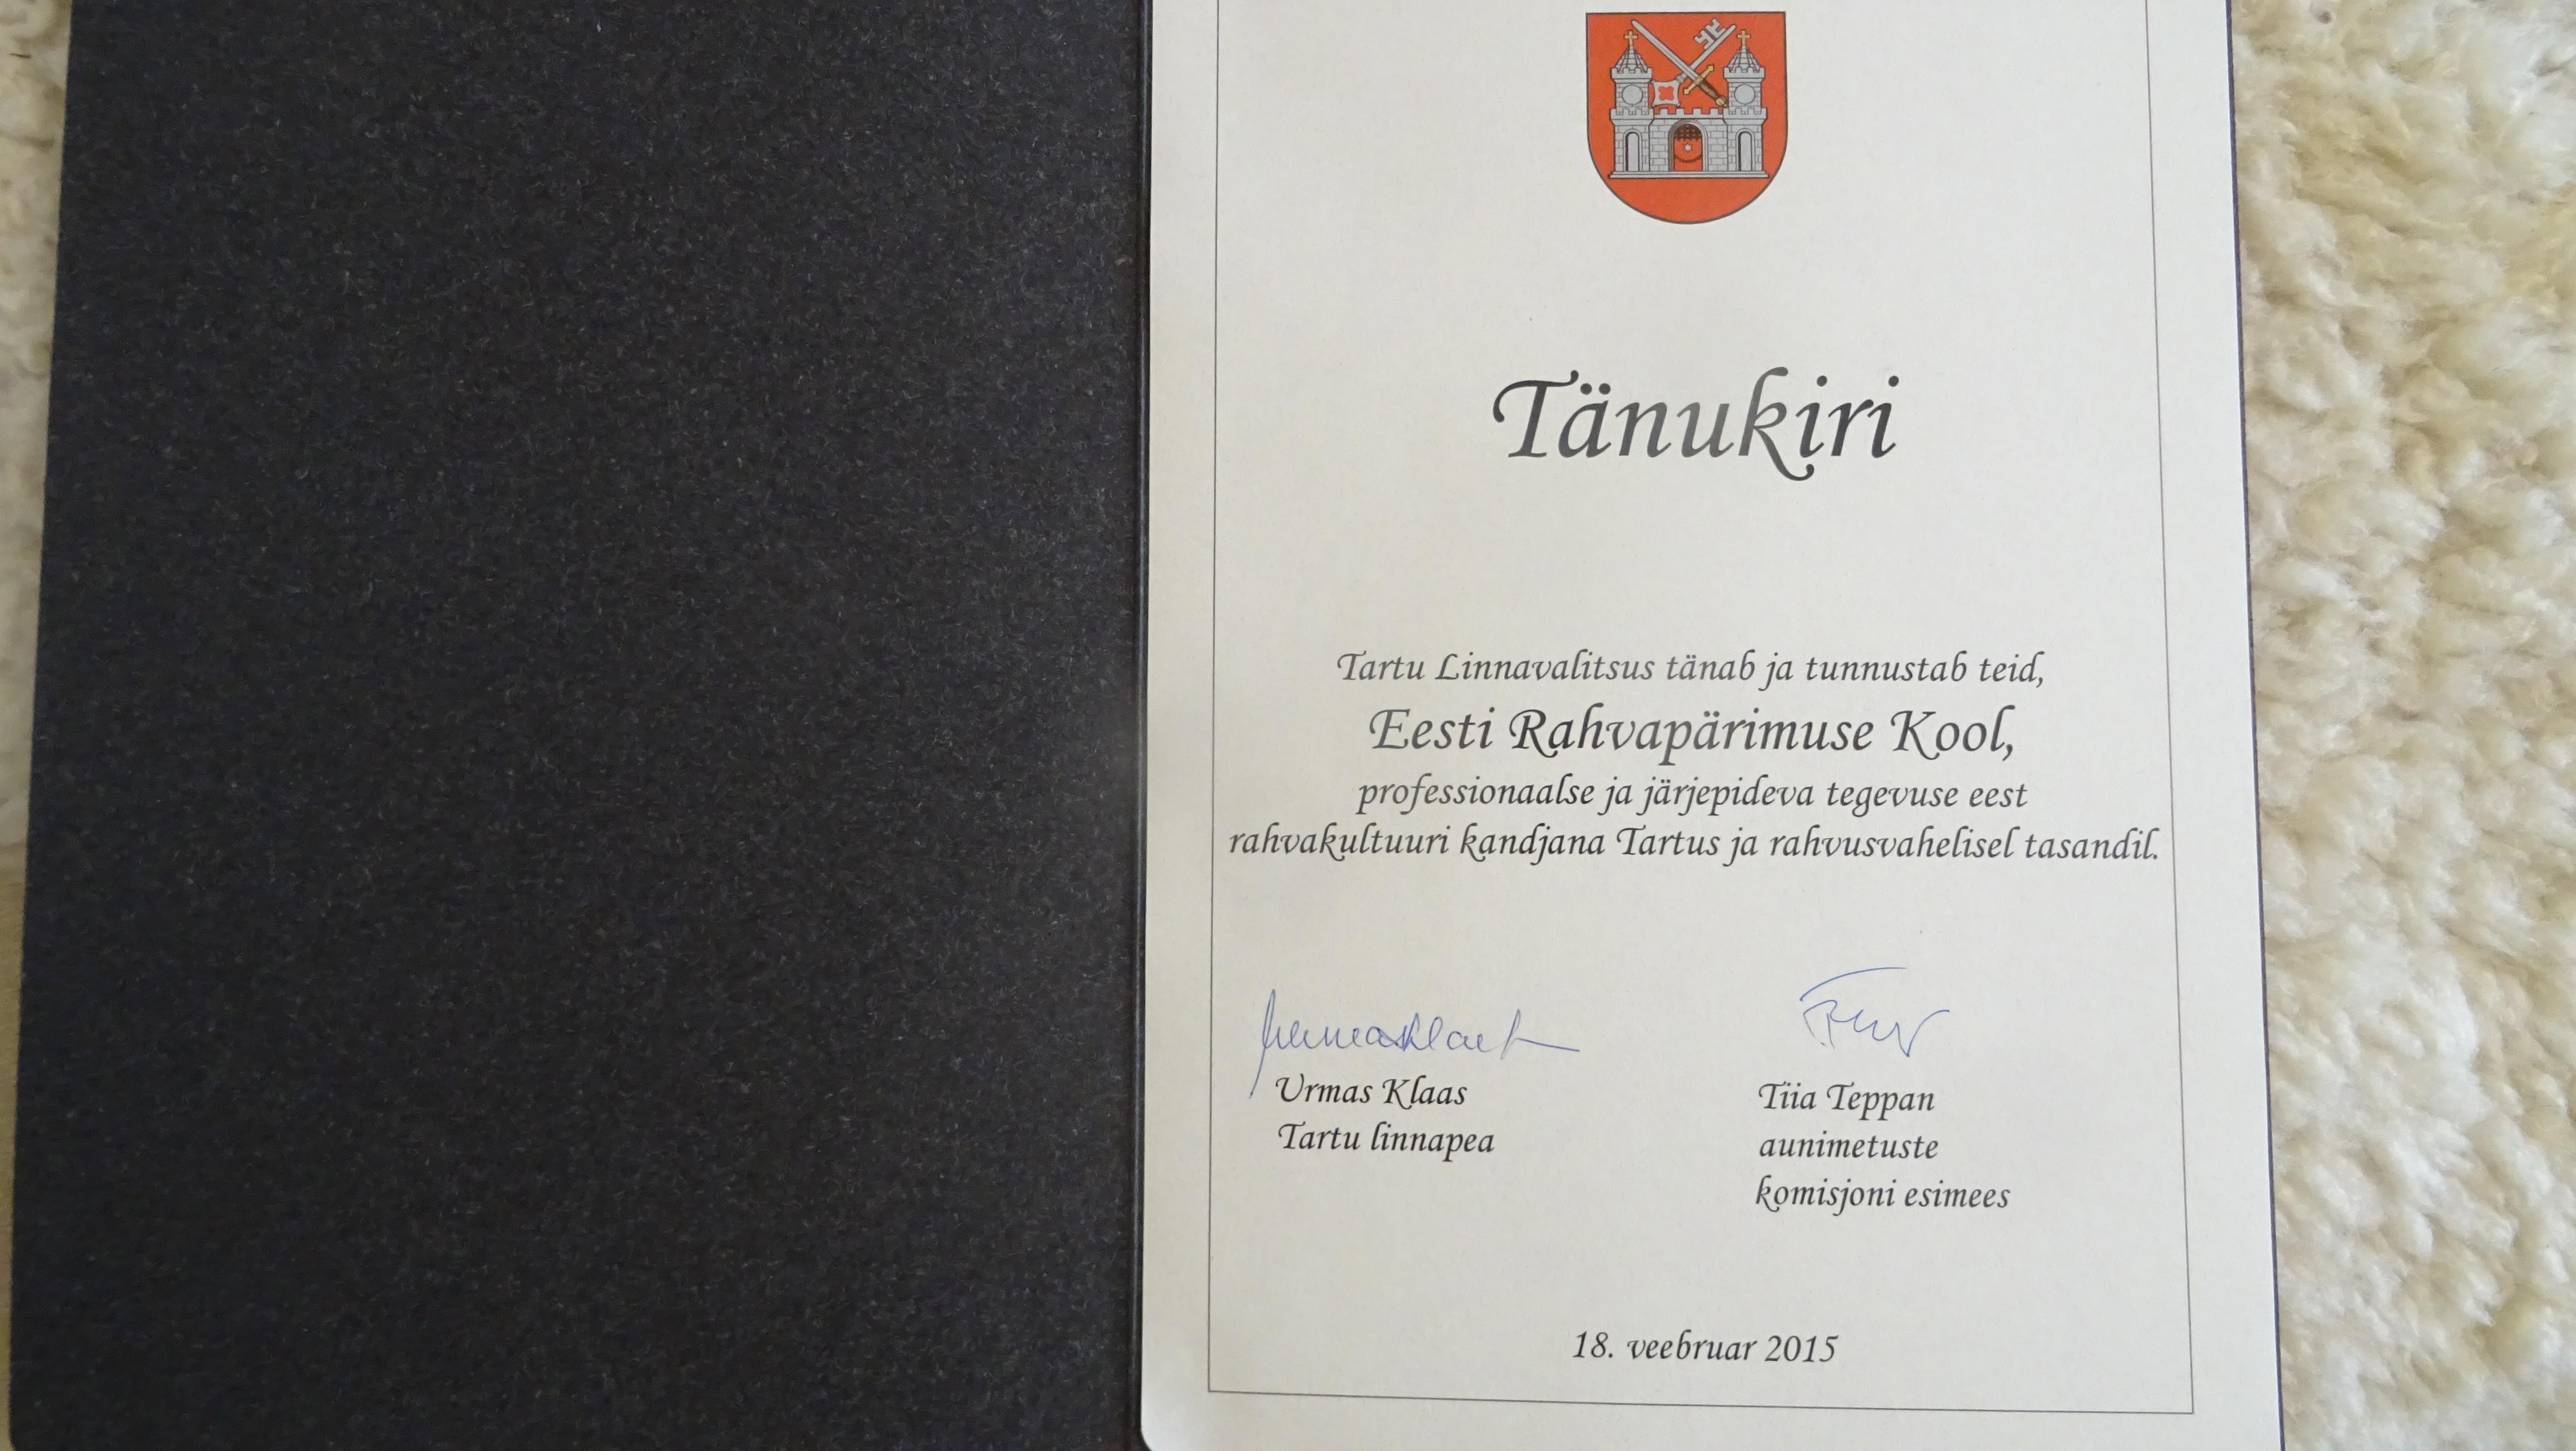 Tartu Linnavalitsuse tunnustus, 18.02.2015